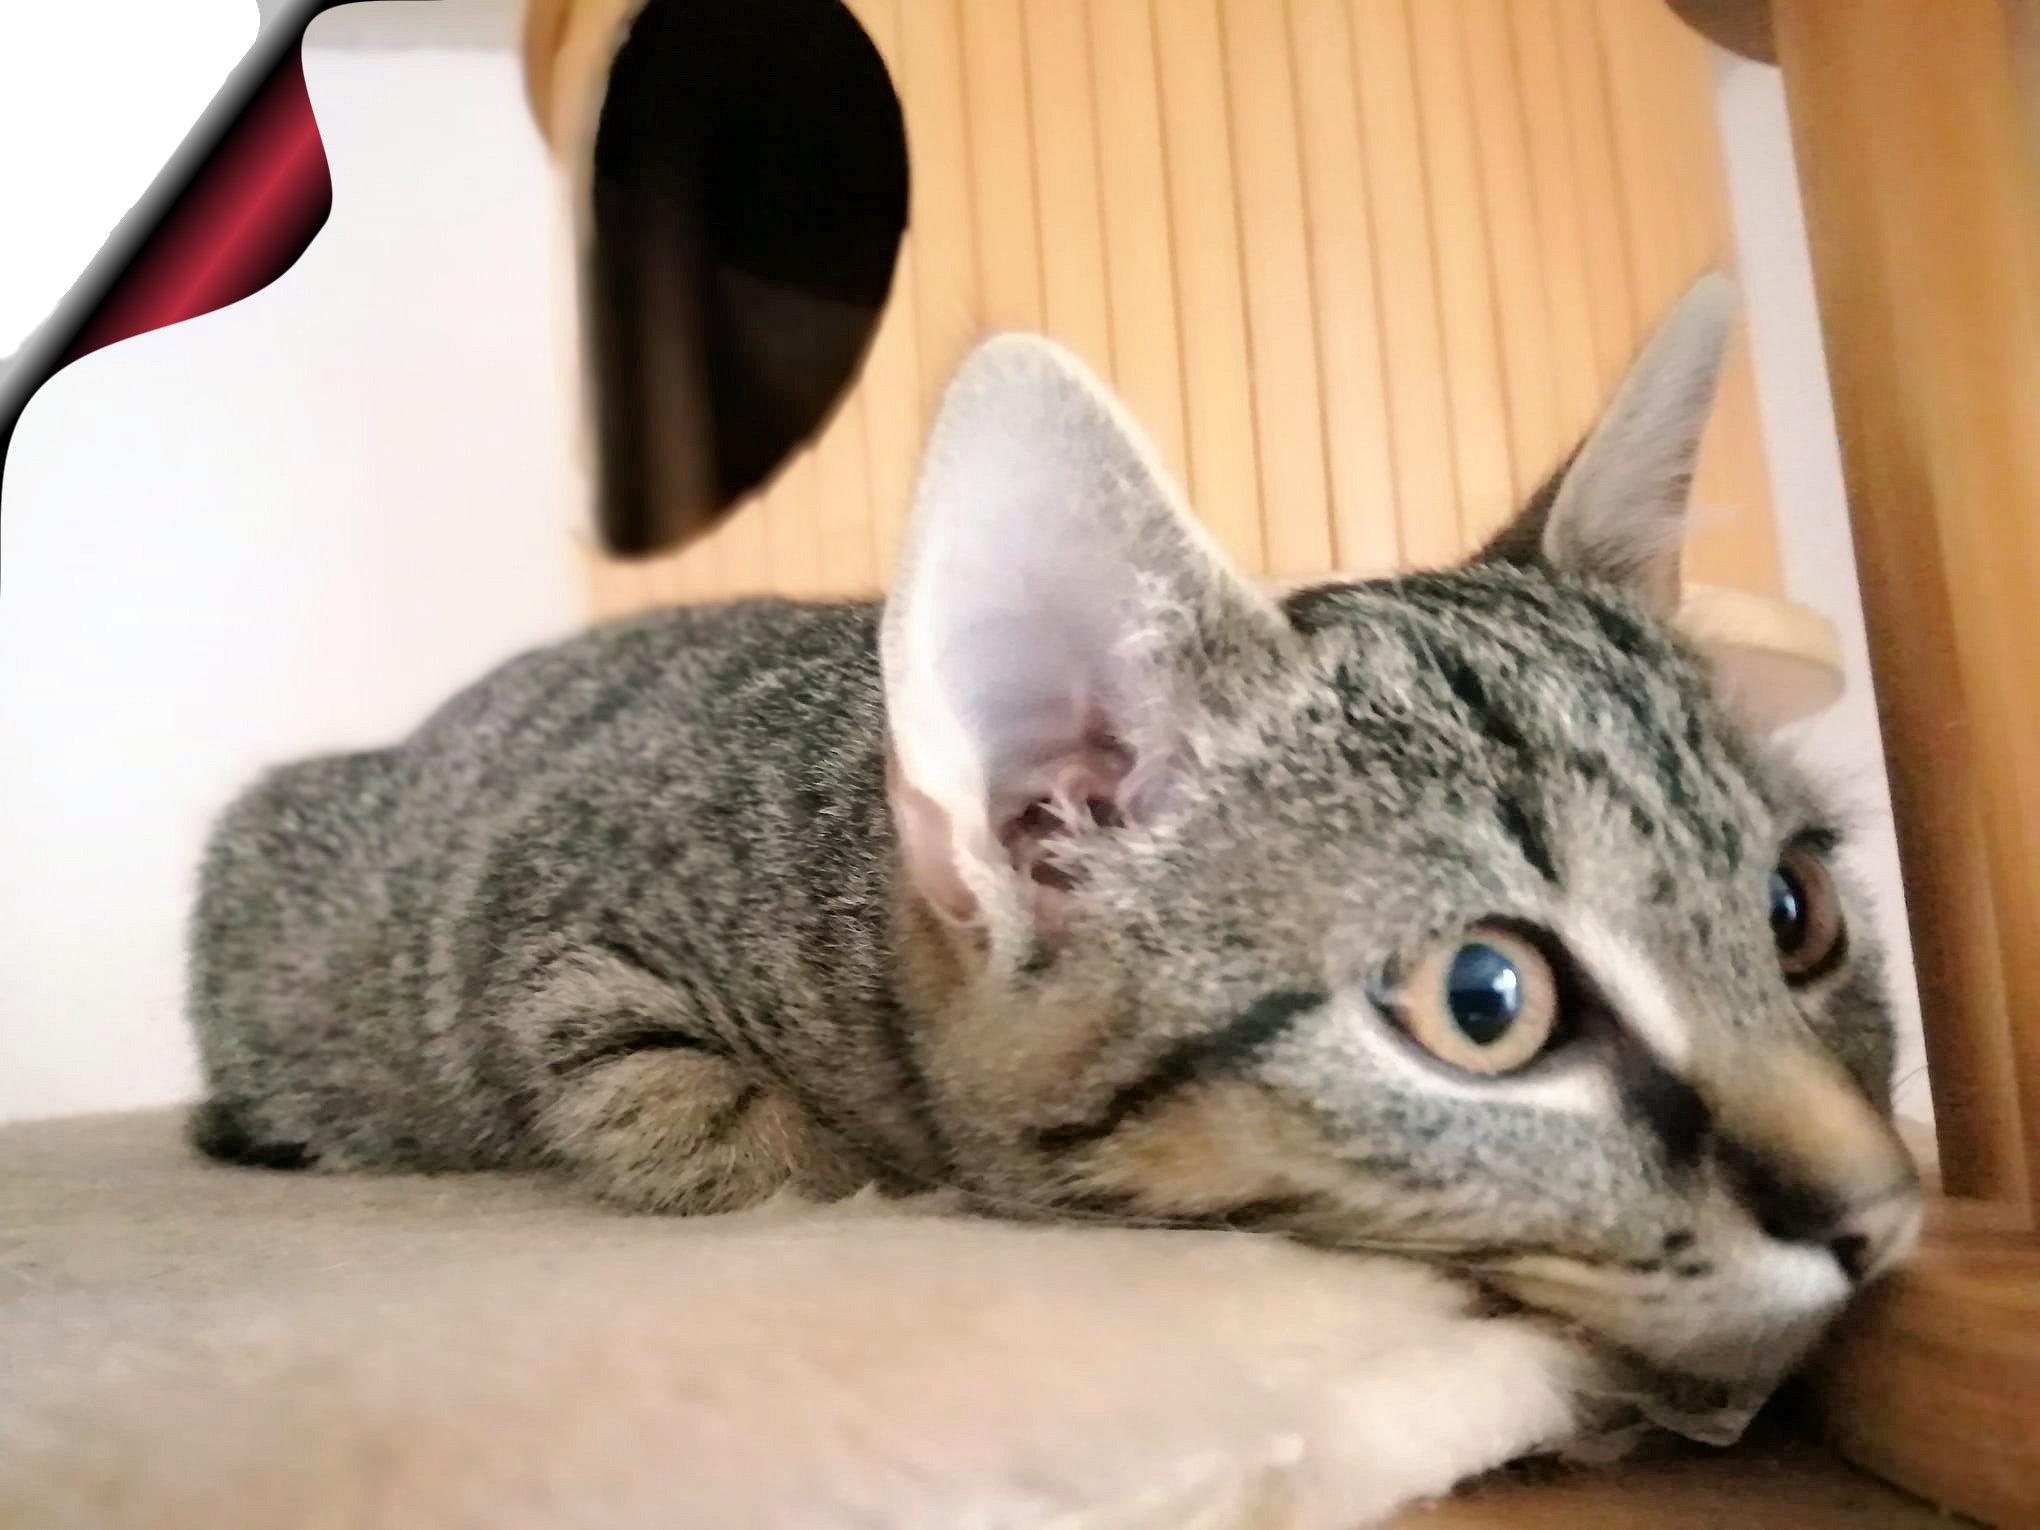 kleine getigerte Katze liegt auf der Liegefläche eines Kratzbaumes, schaut in die Kamera, Nahaufnahme